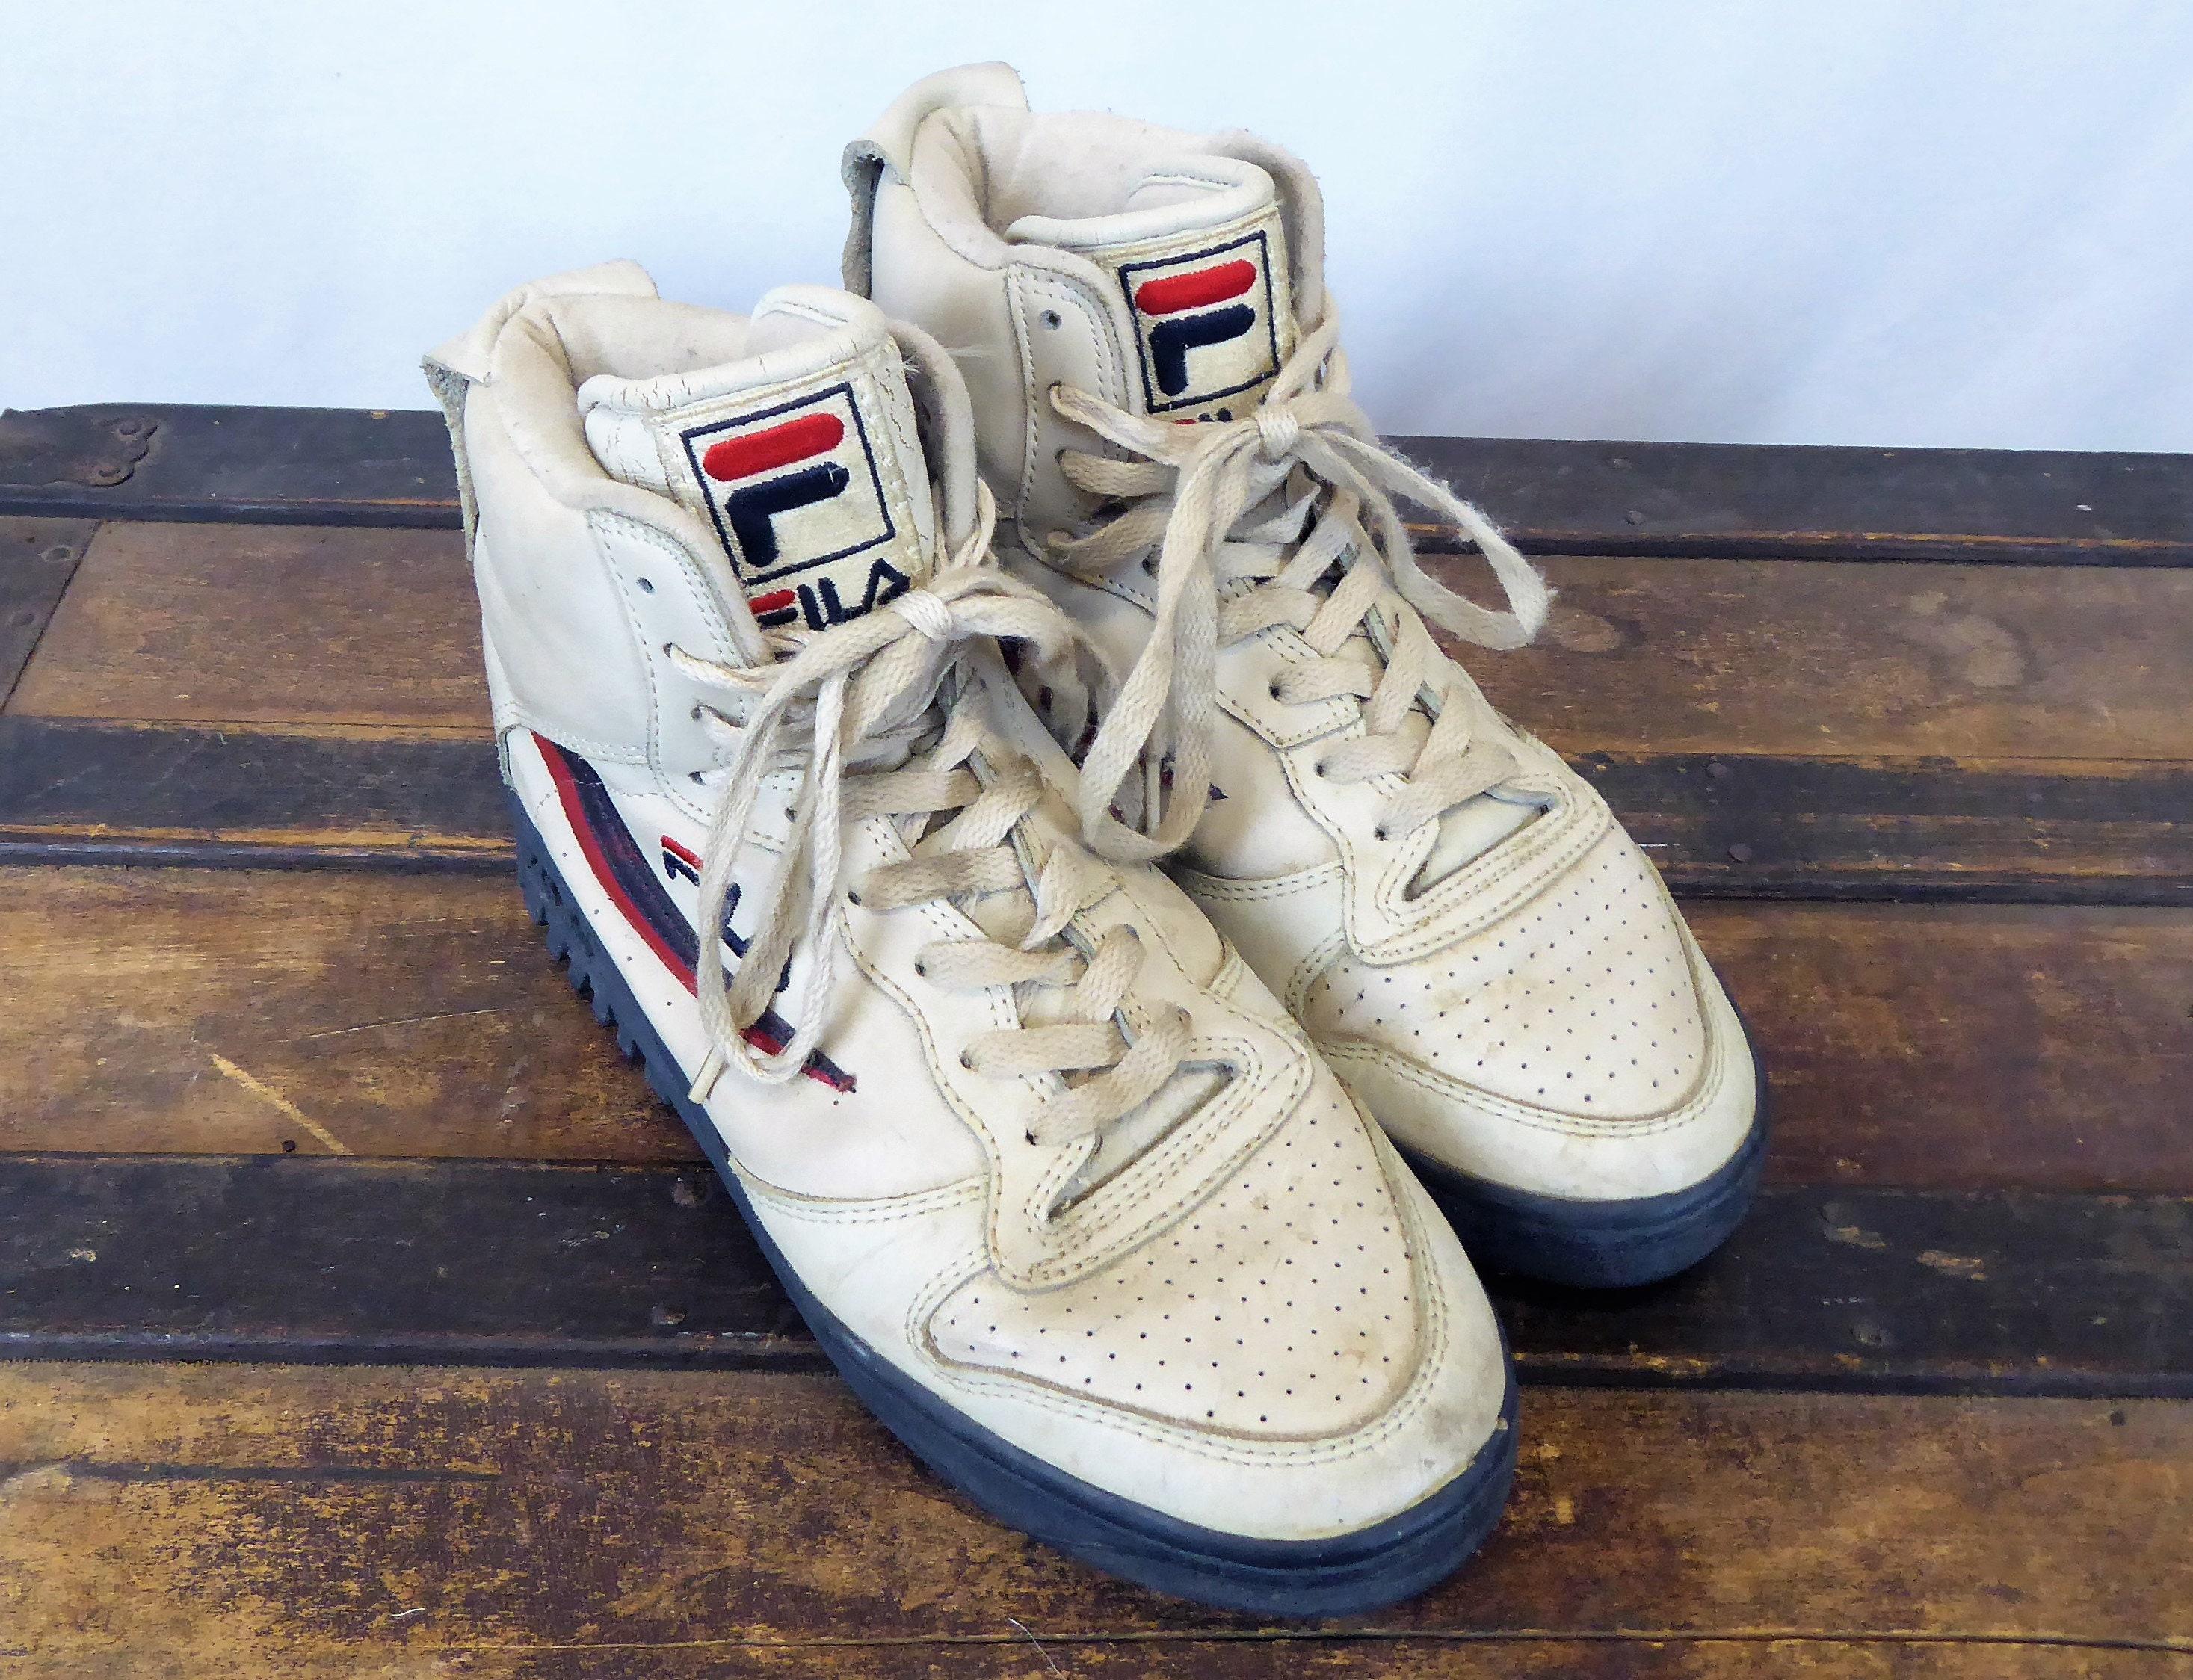 fila crampons baskets vintage des de 90 & # 39; s des vintage formateurs, des chaussures en toile beige, des hommes noirs taille 8 nous voie unique a088db